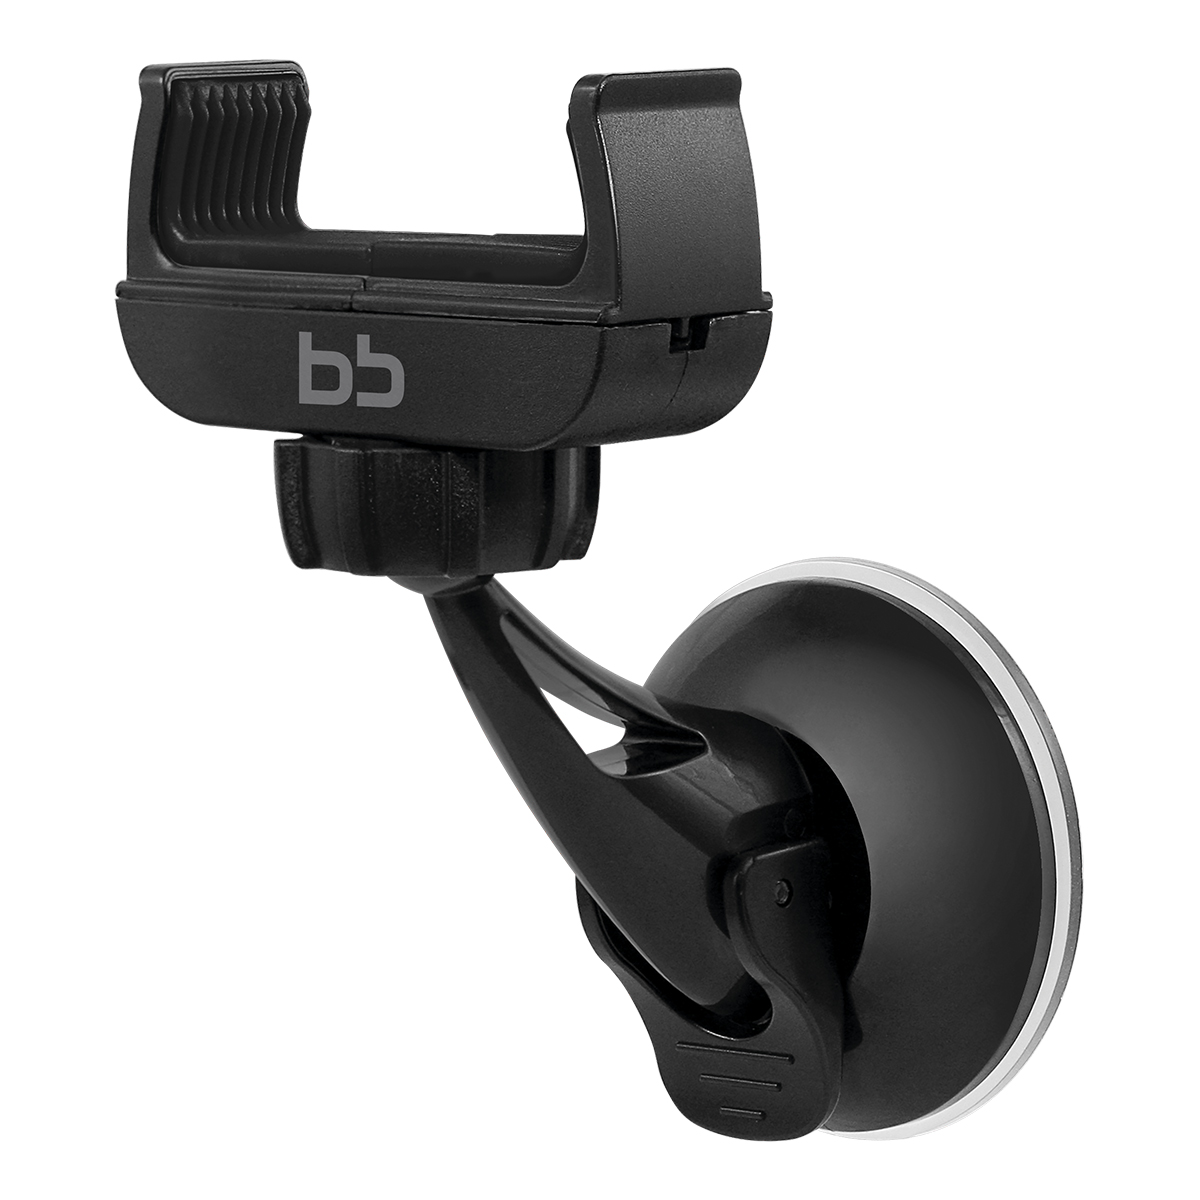 BB 002-001, Black автомобильный держатель для смартфона 3,5-610250Поворот мобильного устройства на 360 градусов, для телефона, 3,5-6', стекло/панель, присоска, раздвижной кронштейн, поворотный механизм, пластик, силикон, металл, 137,5г